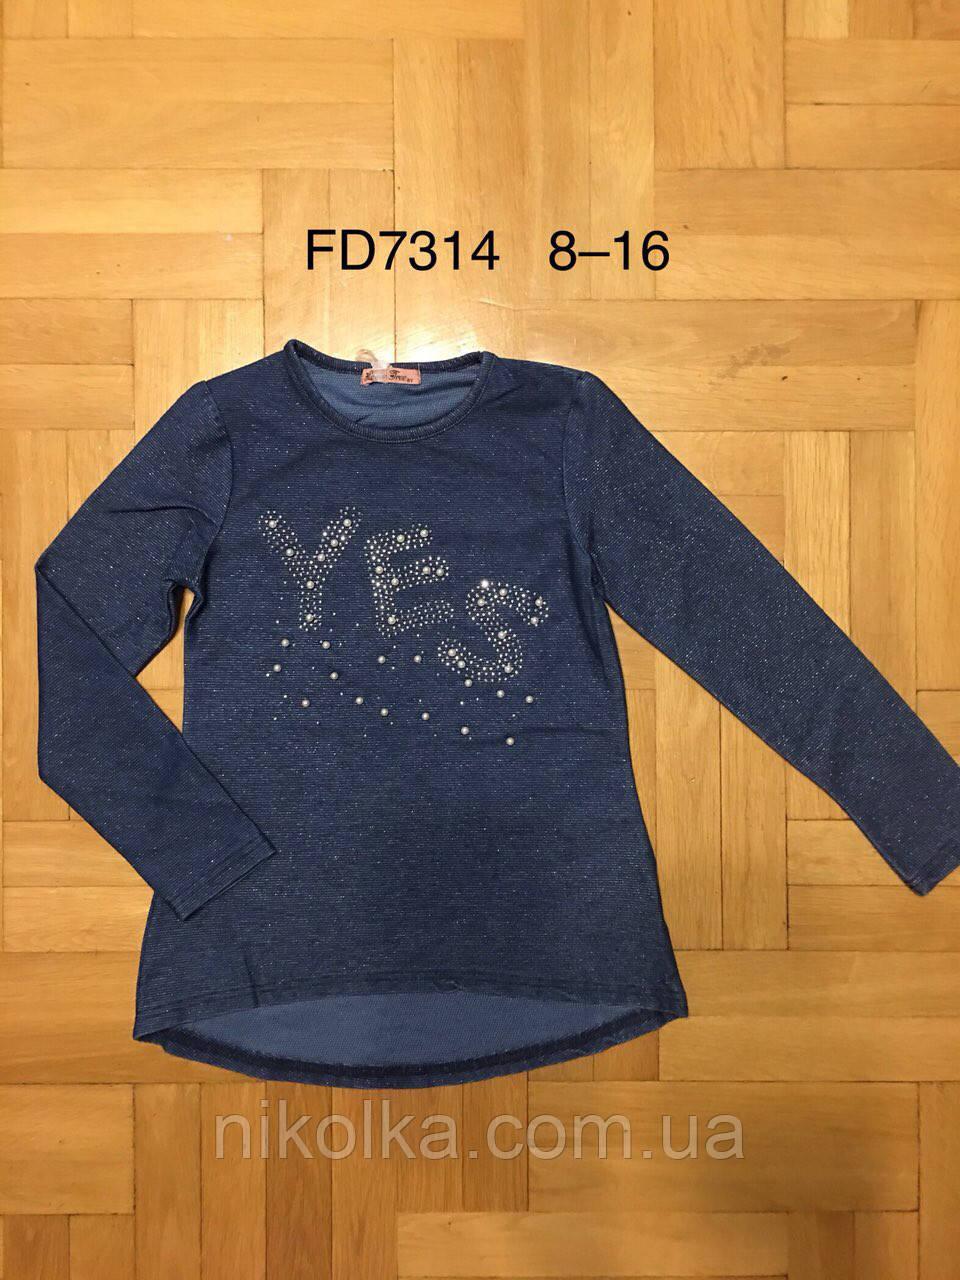 Трикотажный реглан для девочек оптом, F&D, 8-16 лет., aрт.FD-7314